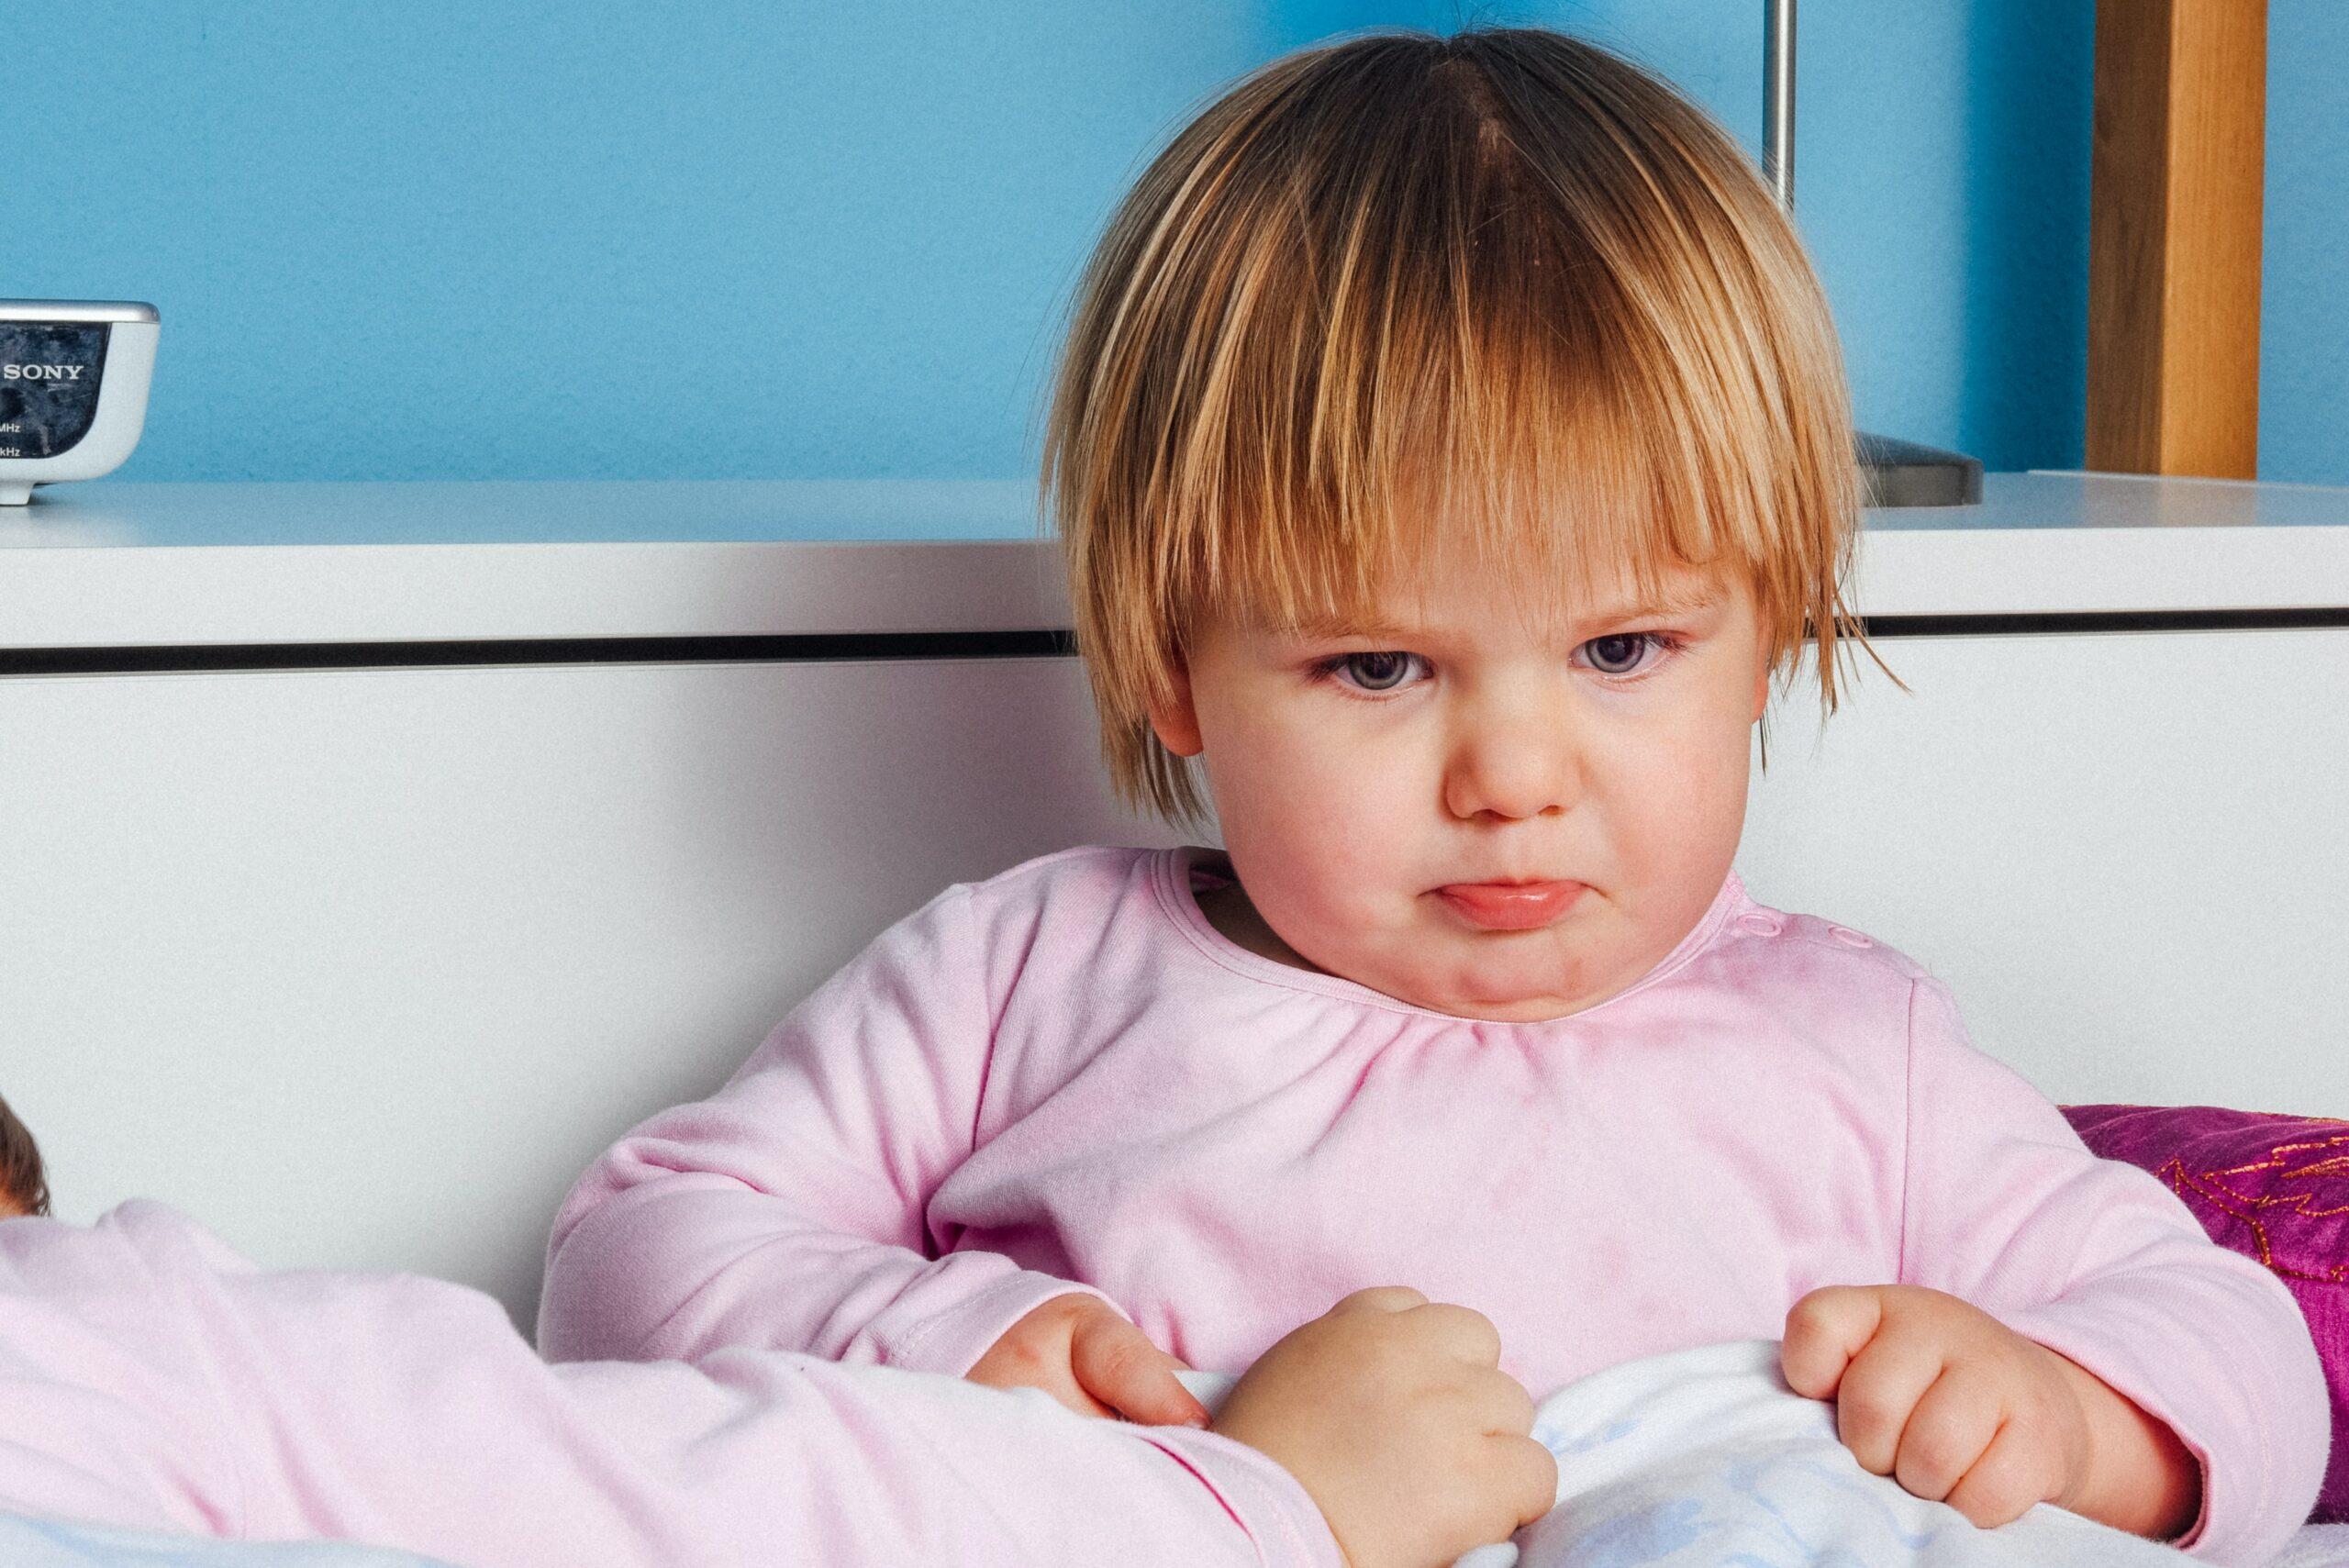 les parents - racines pour l'enfant - Article blog Facing - Dominique Molle - Arélie Bruyère